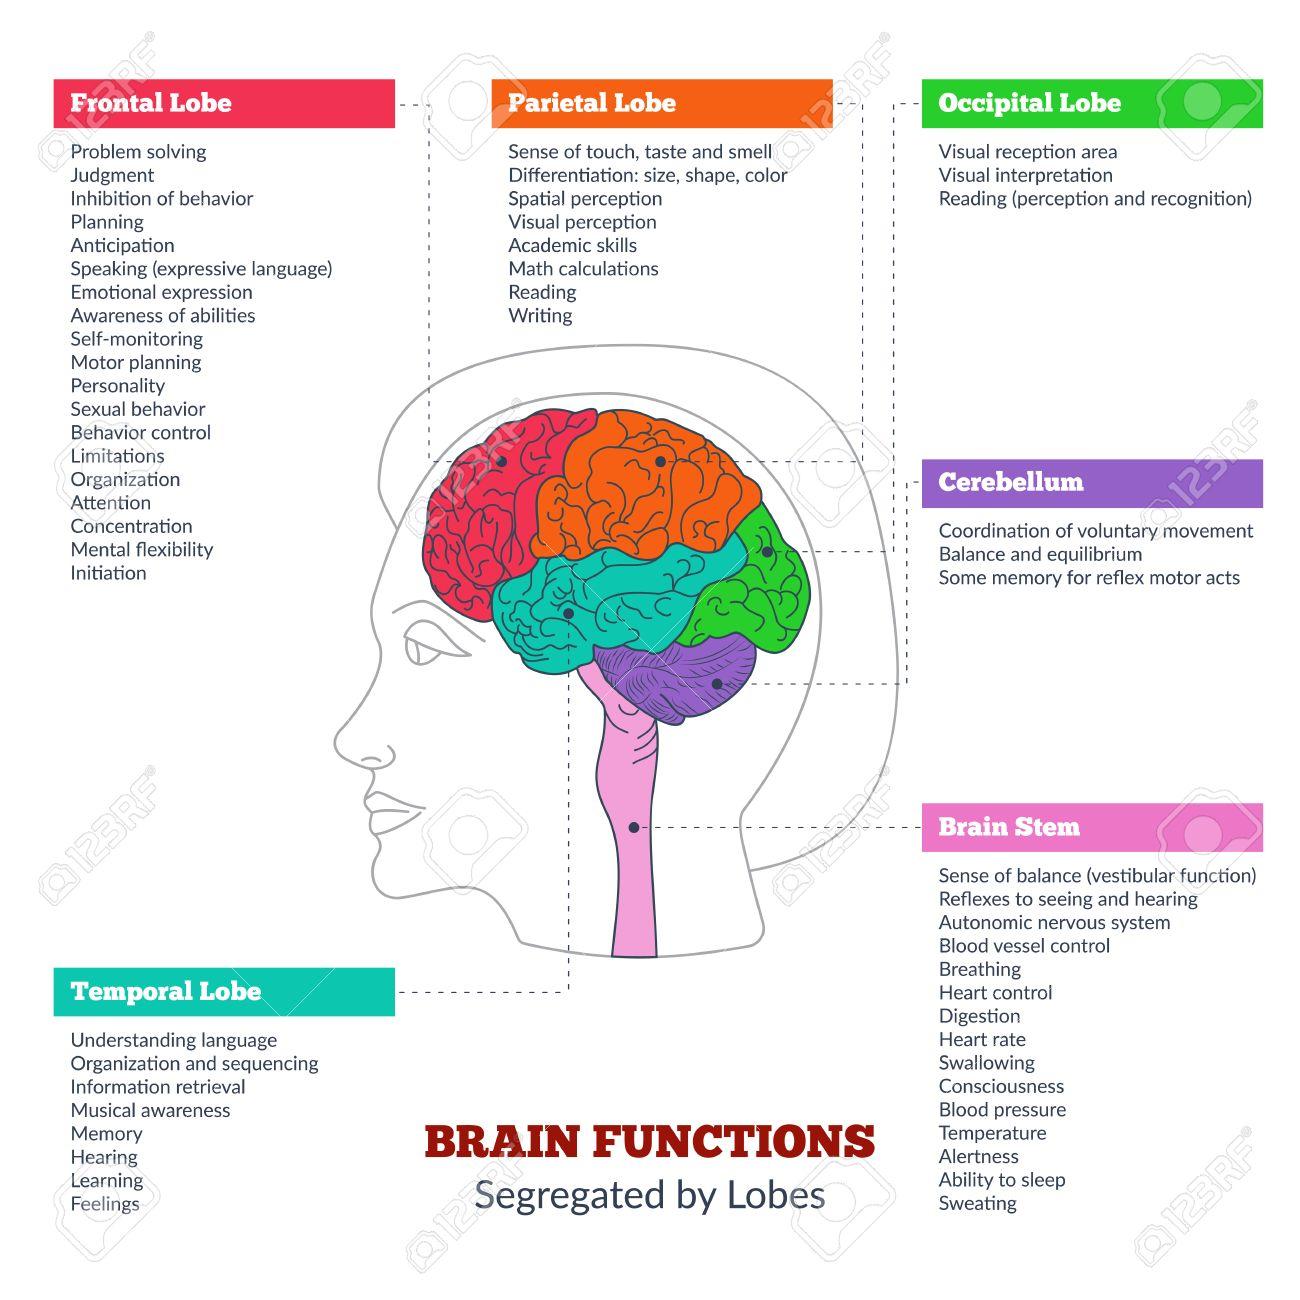 Guía De La Anatomía Del Cerebro Humano Y Las Funciones Del Cerebro Humano Segregadas Por Lóbulos Infografía Estructura Del Cerebro Lóbulo Frontal Lóbulo Parietal Lóbulo Occipital Lóbulo Temporal El Tronco Cerebral Cerebelo